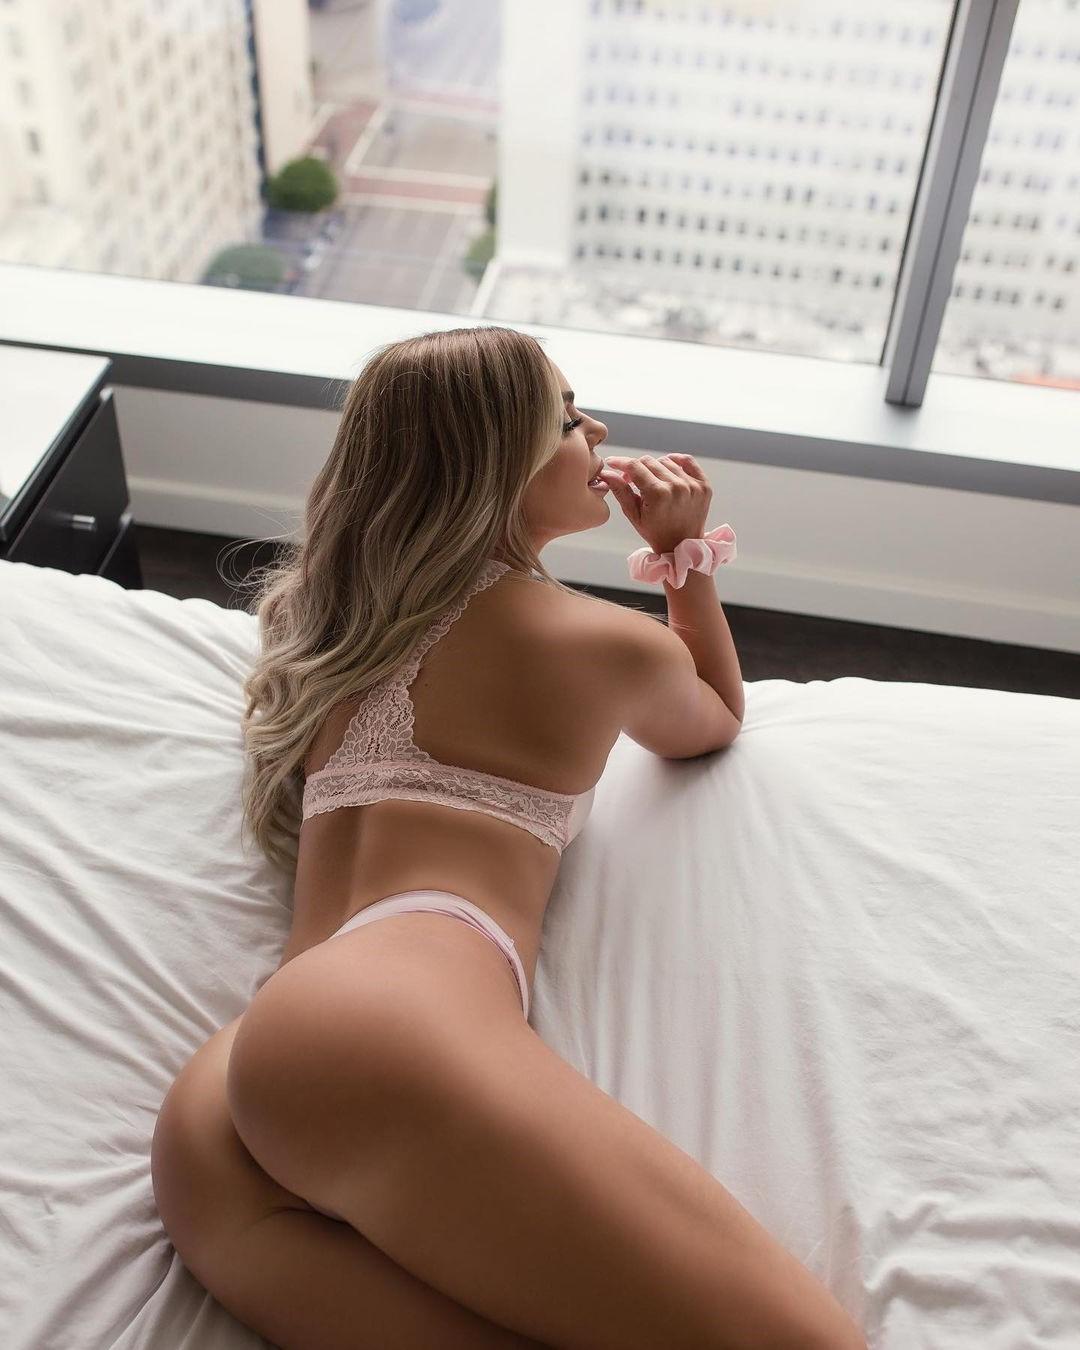 Hot Czech Woman